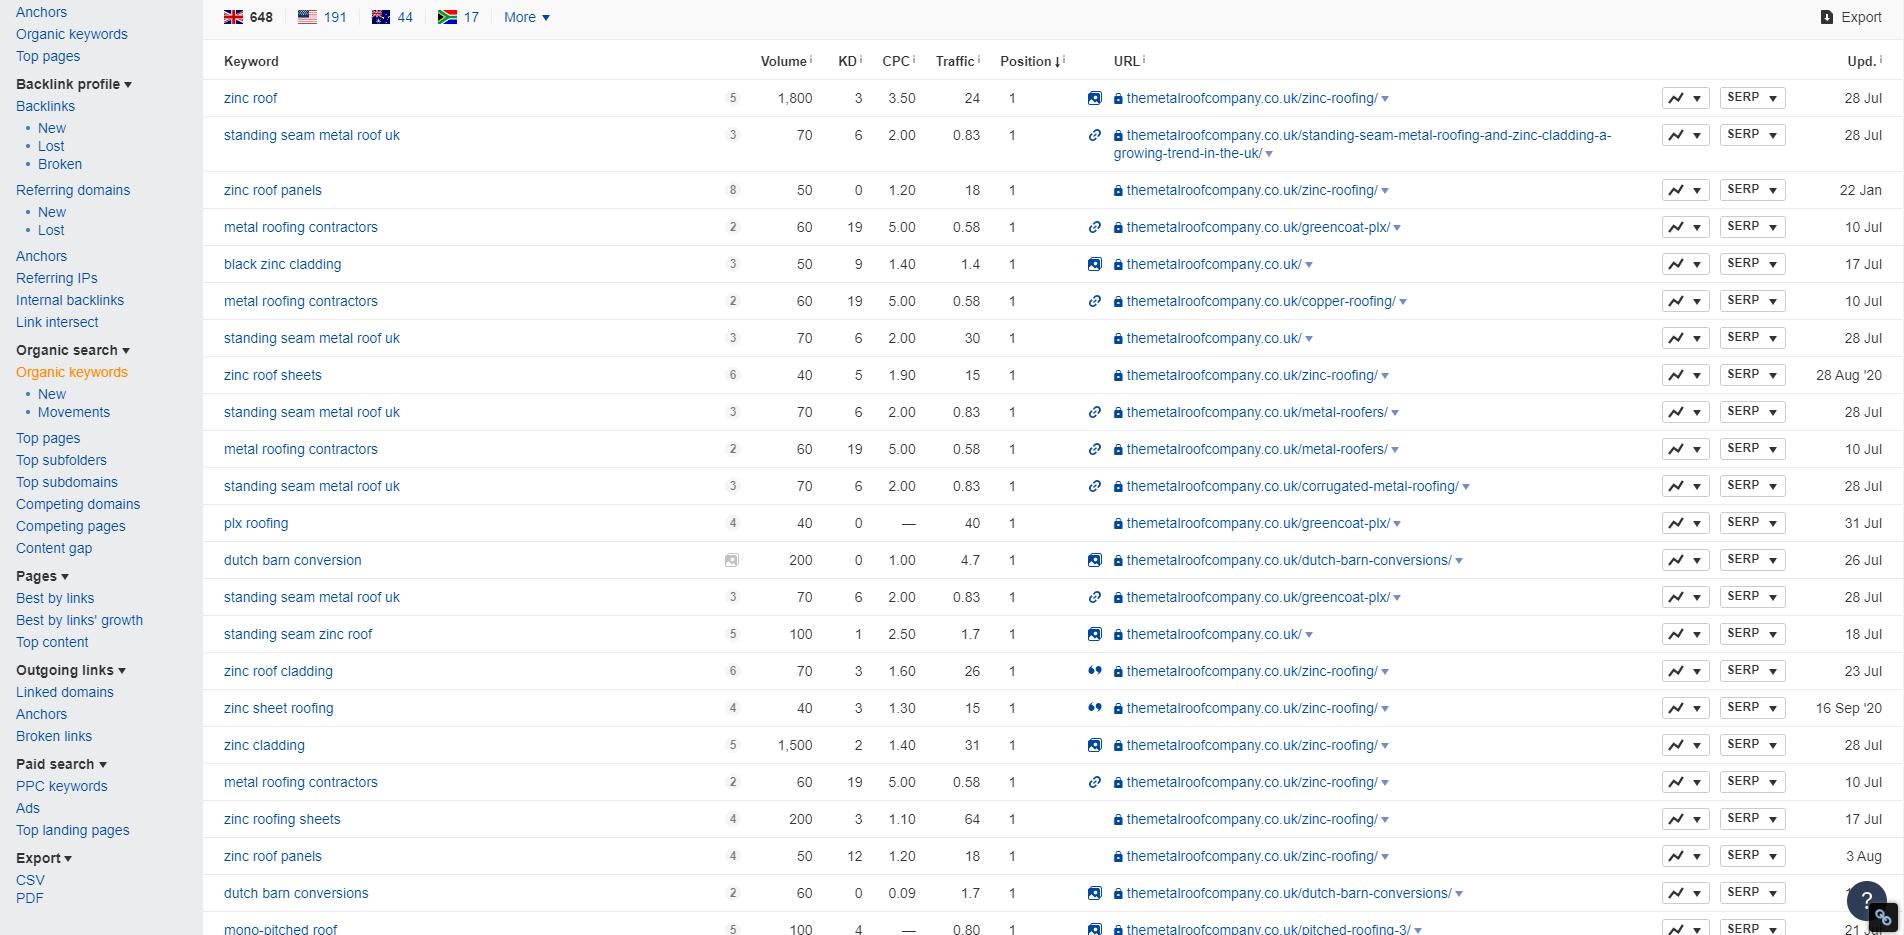 Rankings 1